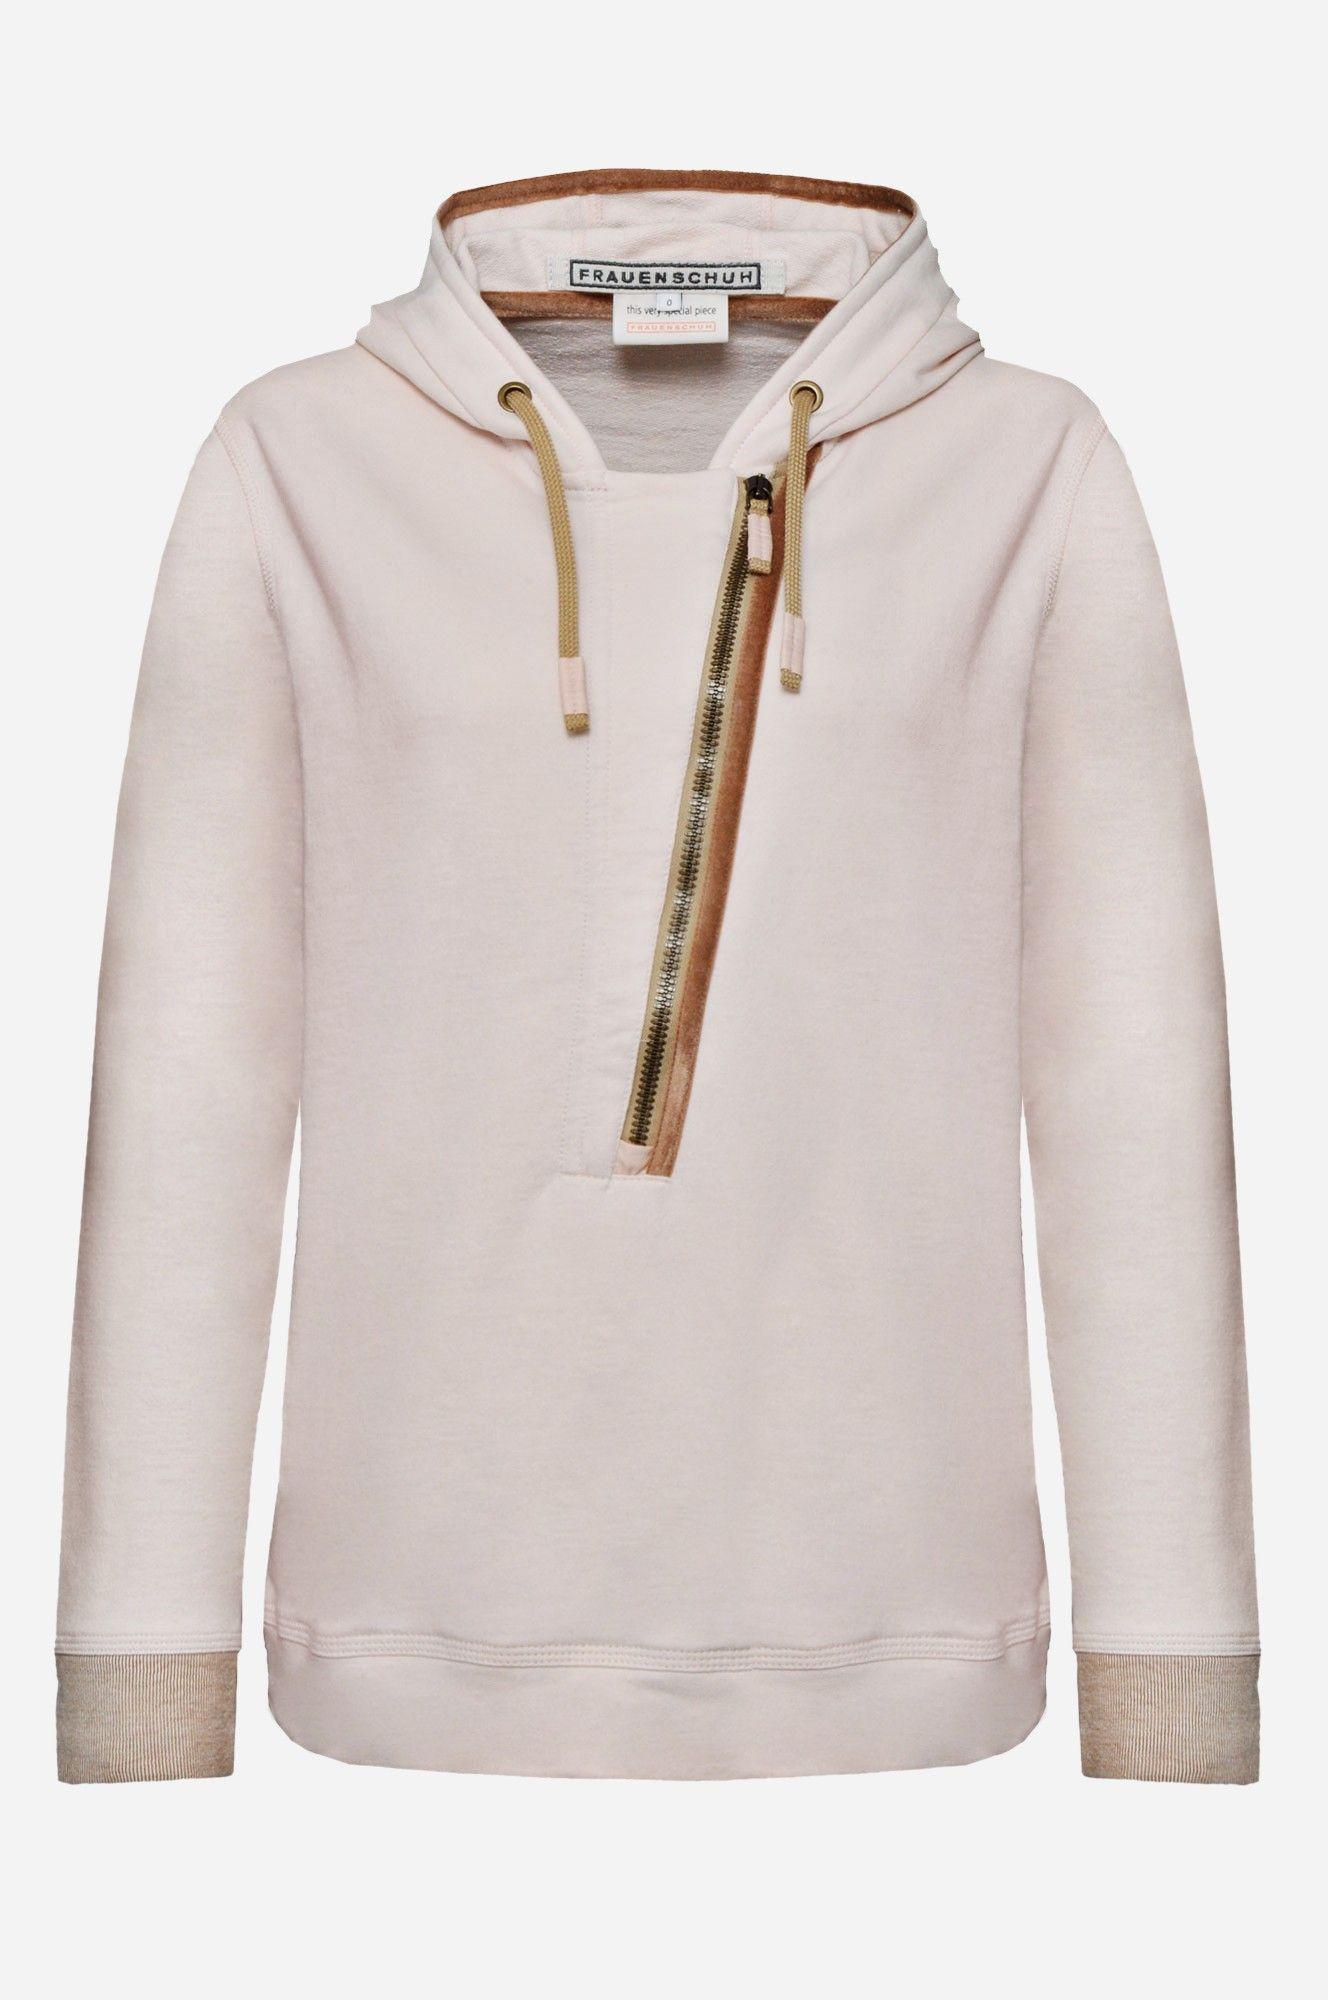 8263c362f208c5 Charlotte - CS - FRAUENSCHUH Online Shop - Manufaktur für Luxusmode aus  Kitzbühel